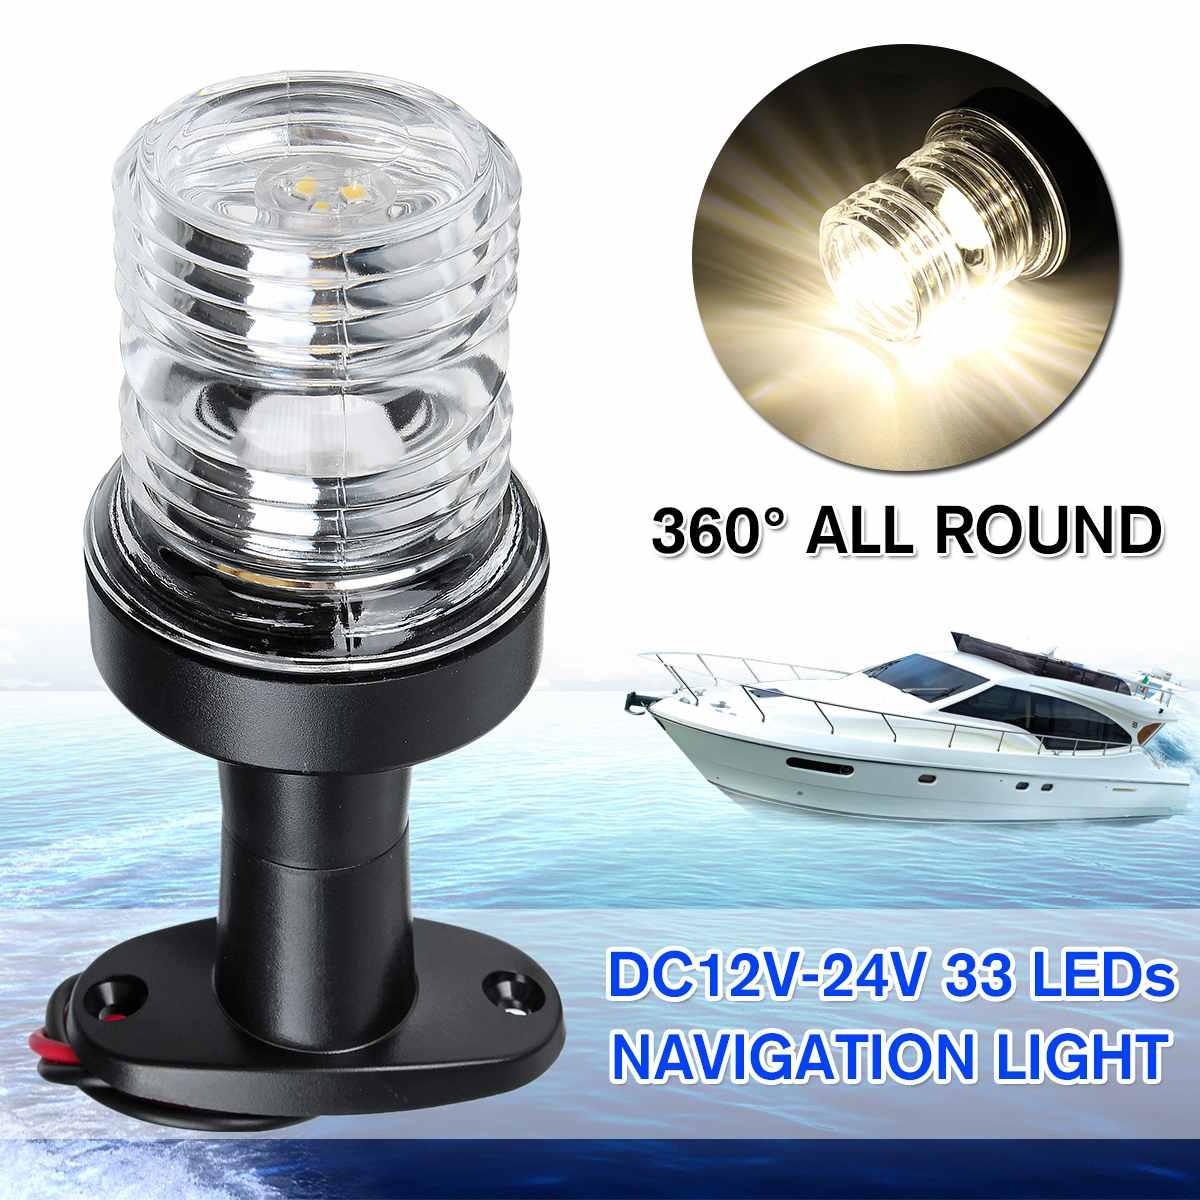 Bateau marin Yacht sévère ancre LED Navigation lumière tout rond 360 degrés lumière blanche 12V étanche à la poussière Super lumineux